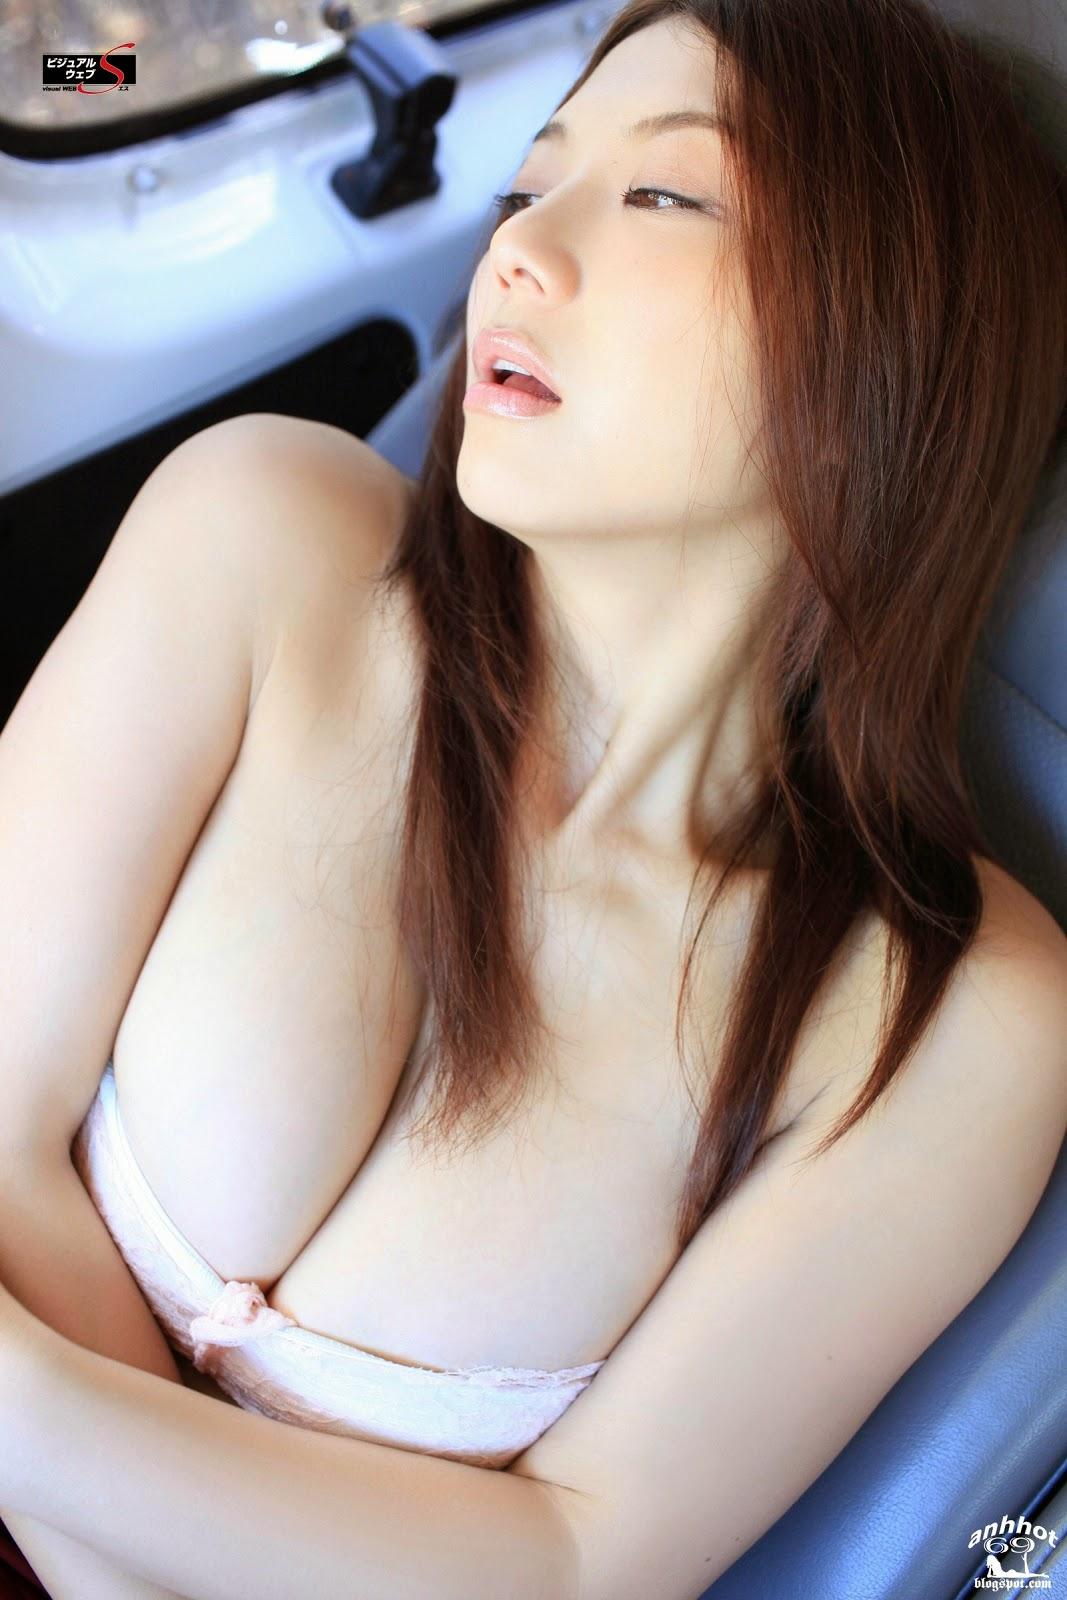 hitomi-aizawa-00460436